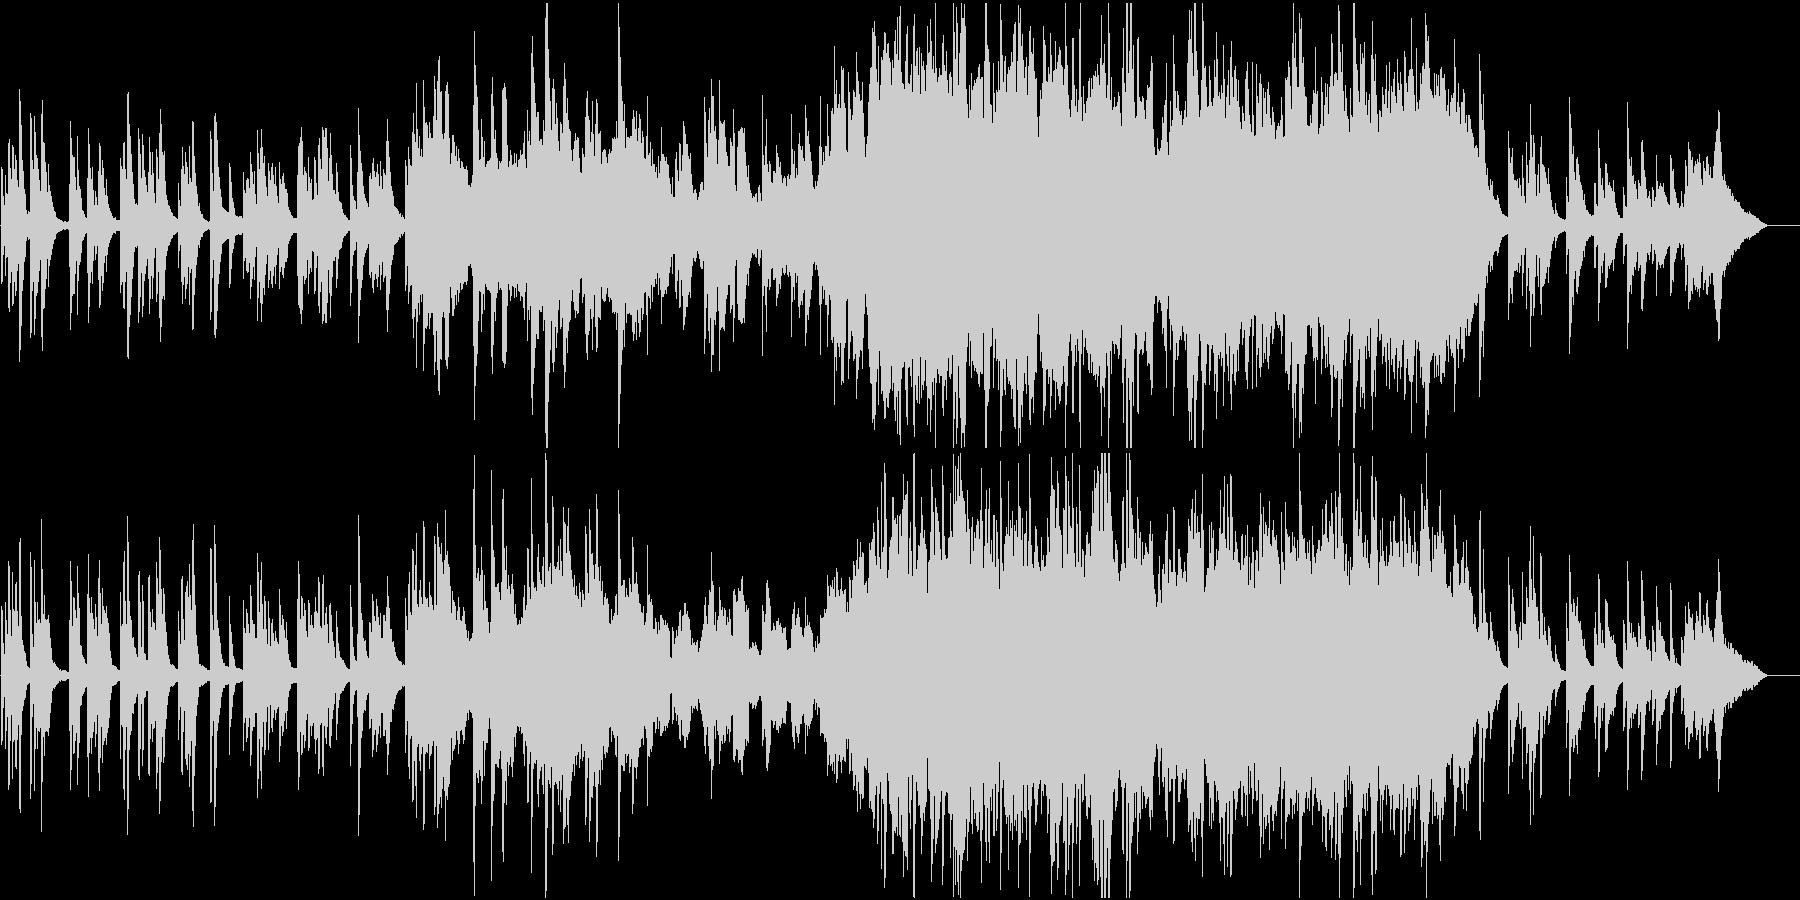 ちょっと感動的な印象になるバラード曲の未再生の波形